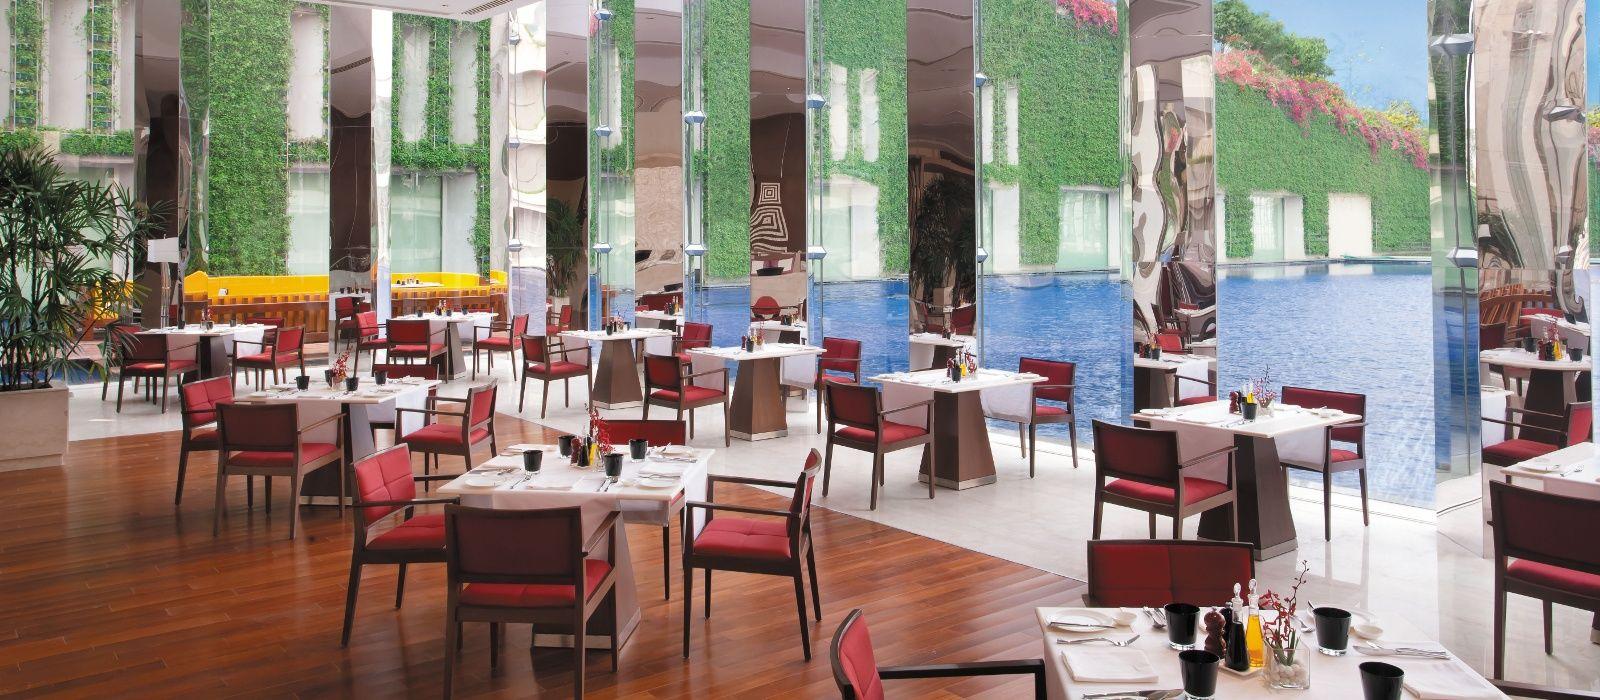 Hotel The Oberoi, Gurgaon North India